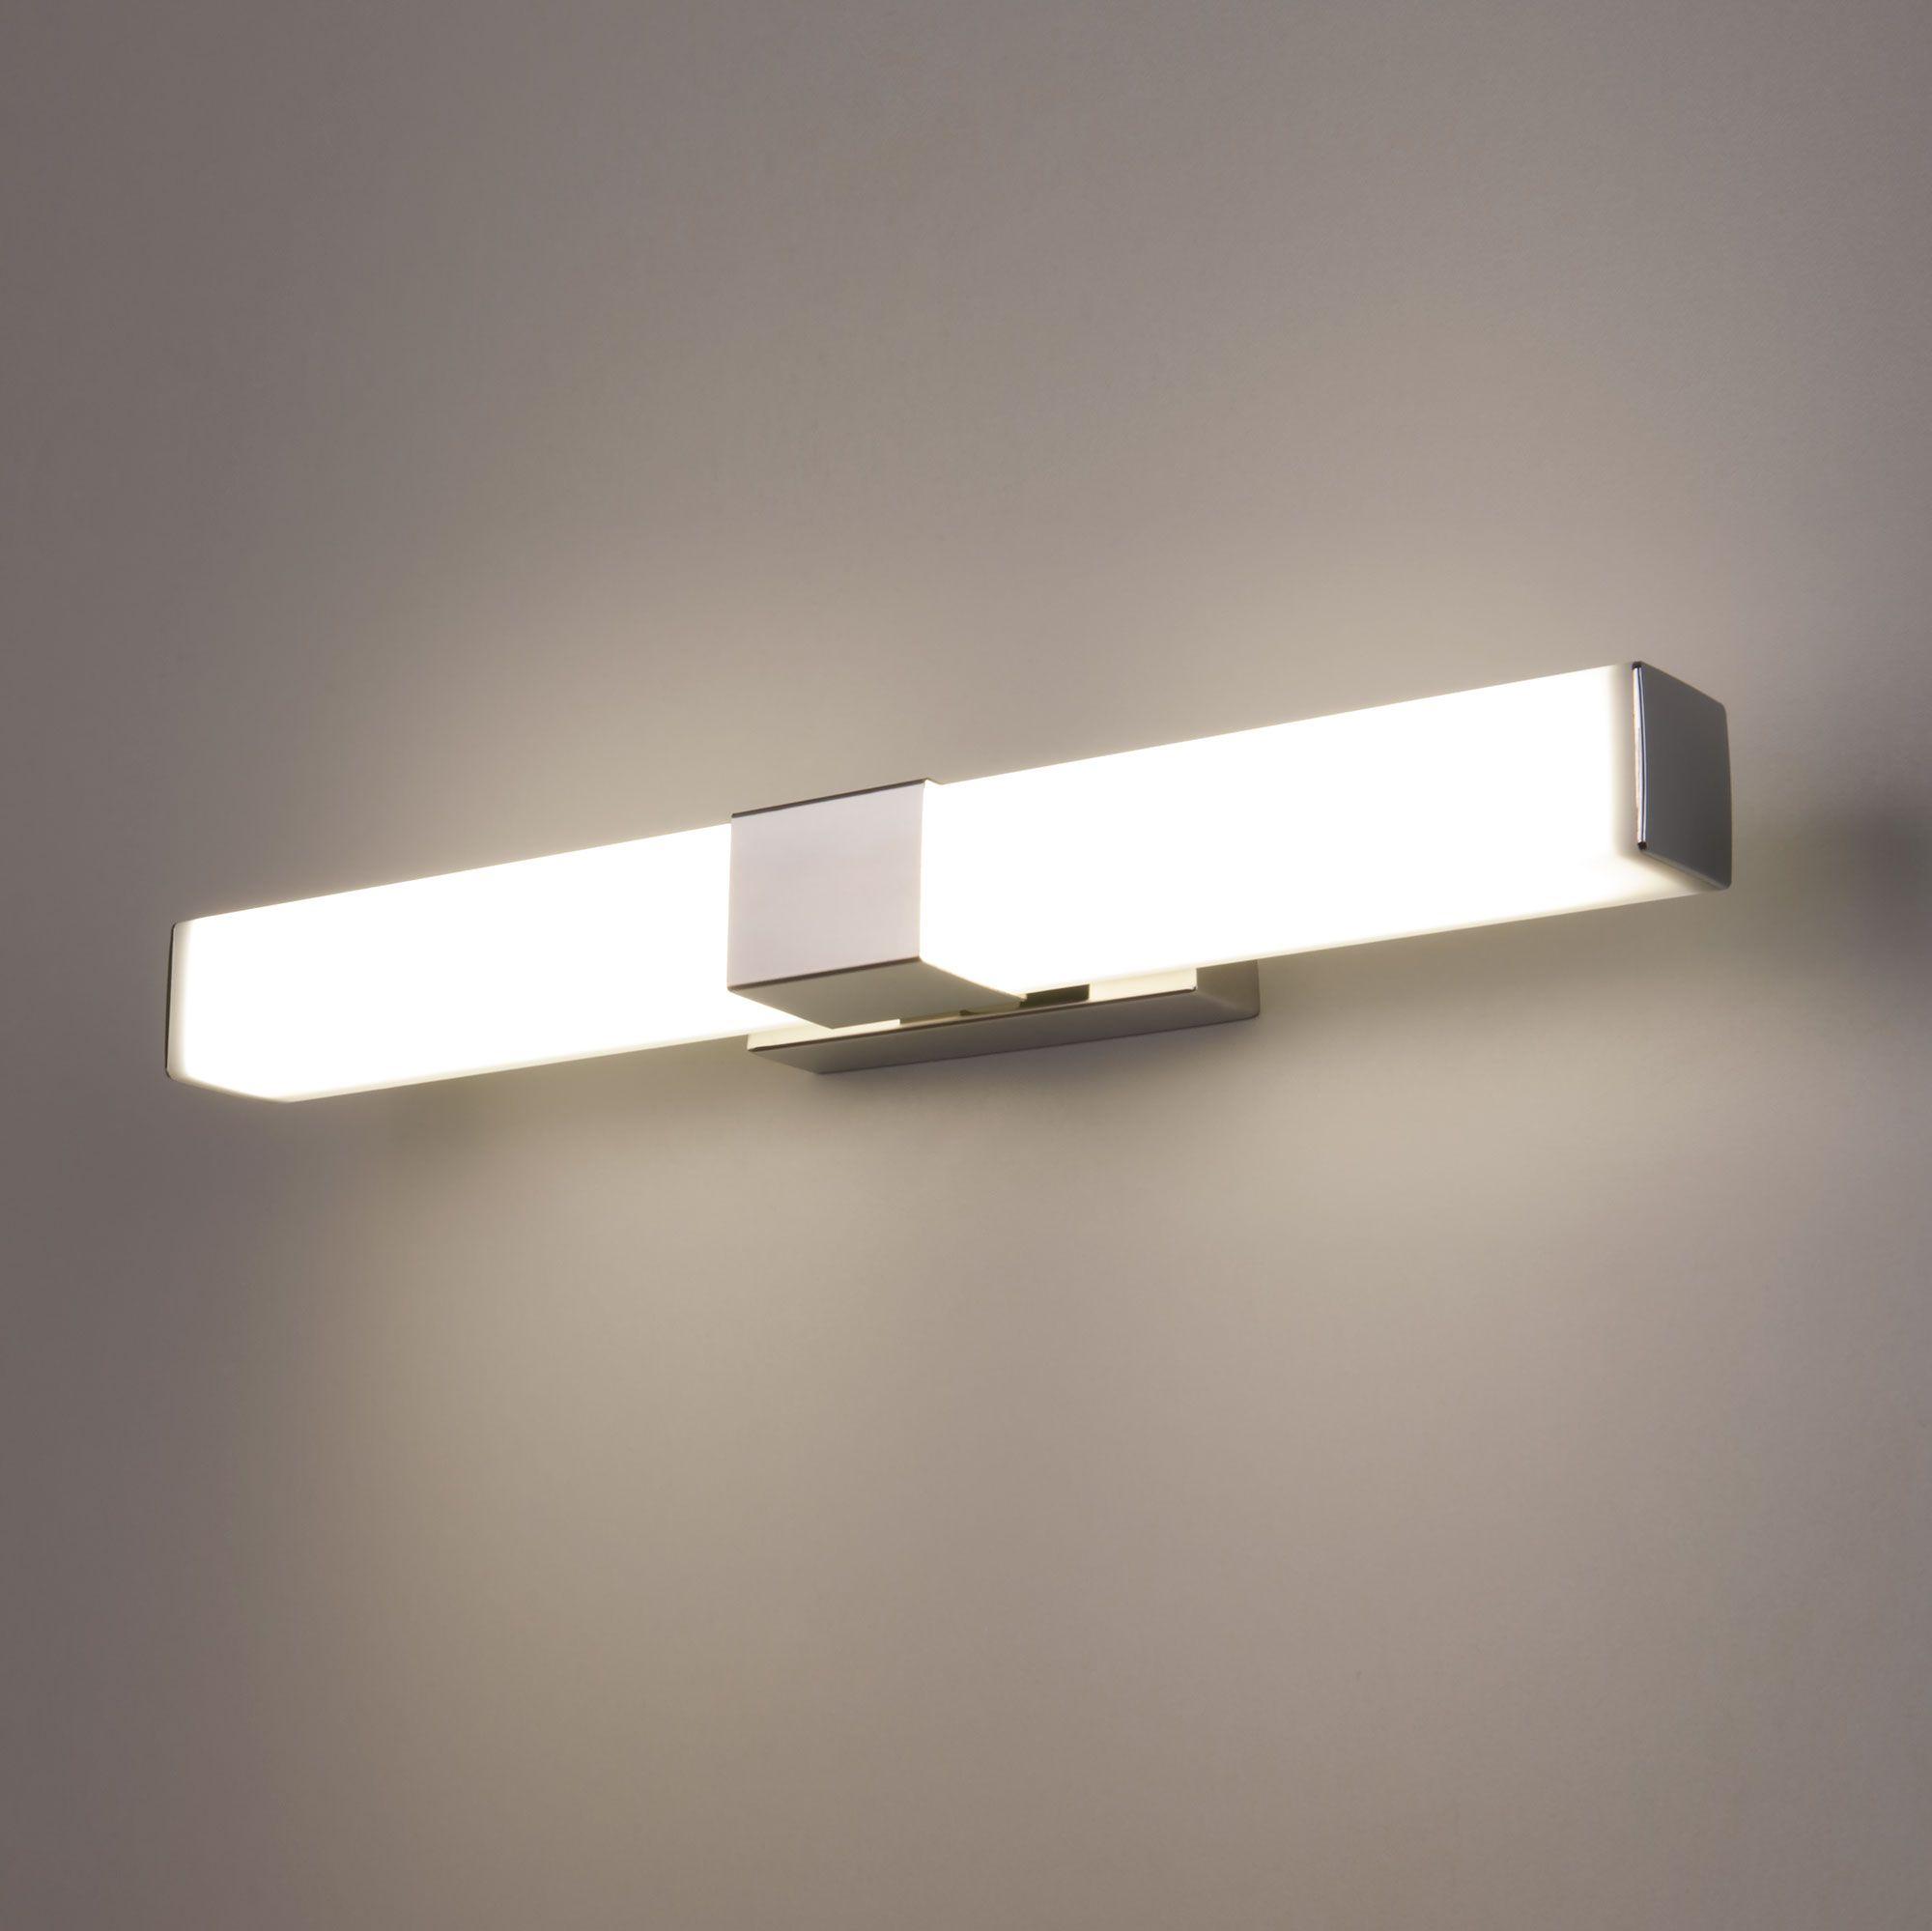 Настенный светодиодный светильник Protera LED MRL LED 1008 хром